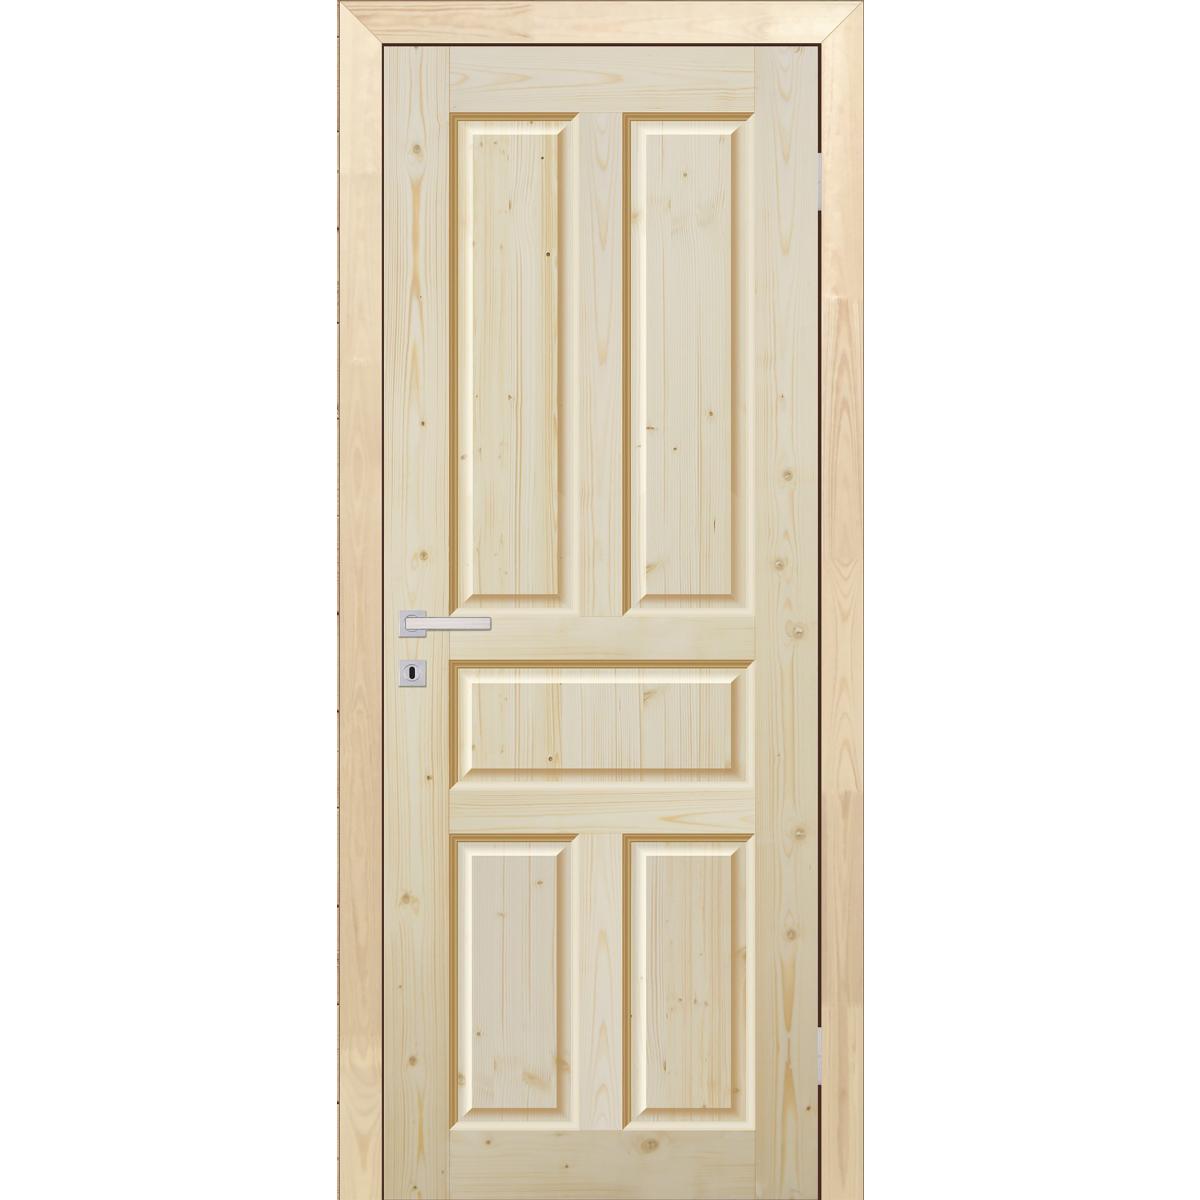 Дверь Межкомнатная Глухая Кантри 90x200 Массив Хвои Цвет Натуральный